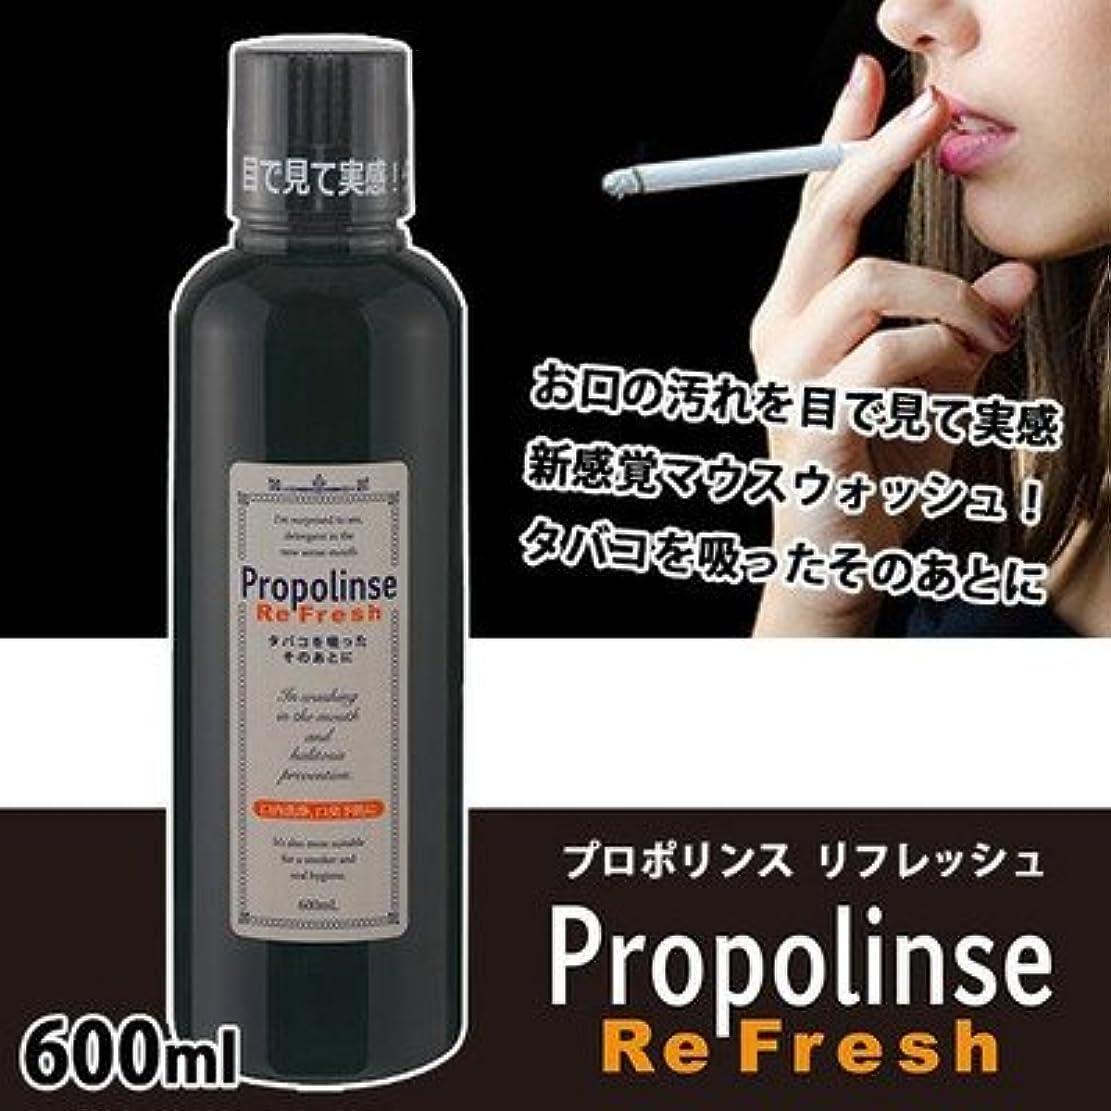 受け皿形ルートプロポリンス リフレッシュ (マウスウォッシュ) 600ml